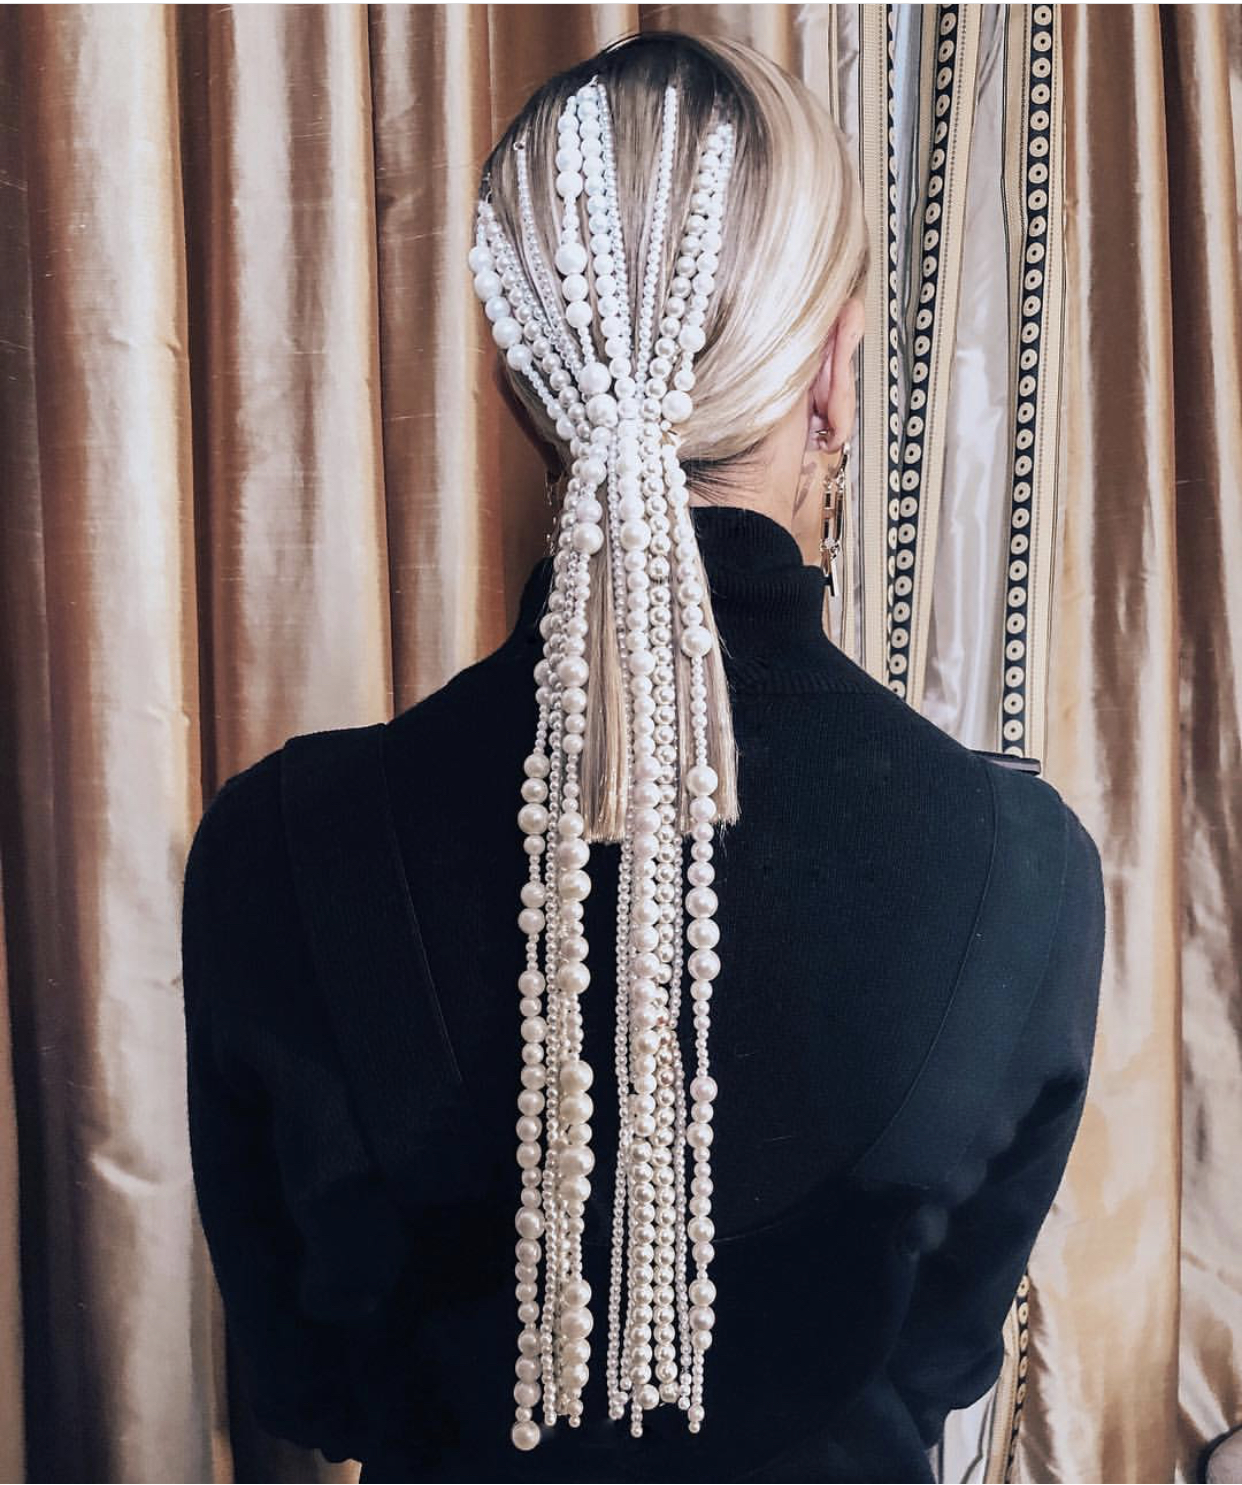 Lange smykker i håret som feks dette ser vi masse av. (Tips til feste; flett en tynn flette og heng smykket øverst for å få godt feste)